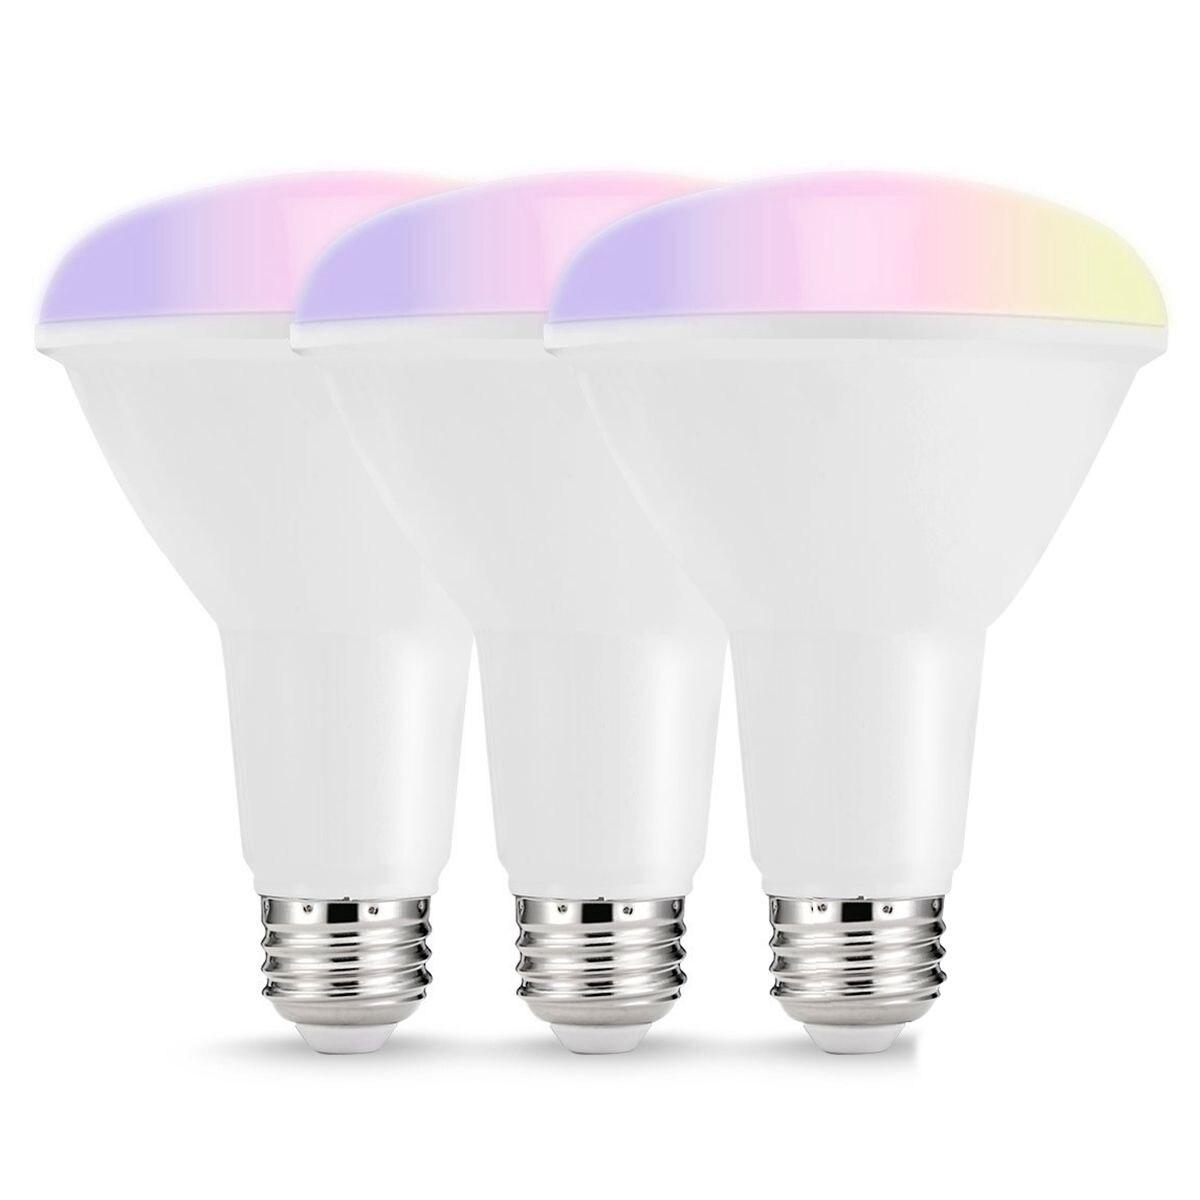 Ampoule LED intelligent, lumières de wifi LED multicolores, ampoules encastrées BR30 Dimmable, lumière d'inondation équivalente de 75W80W, Compat